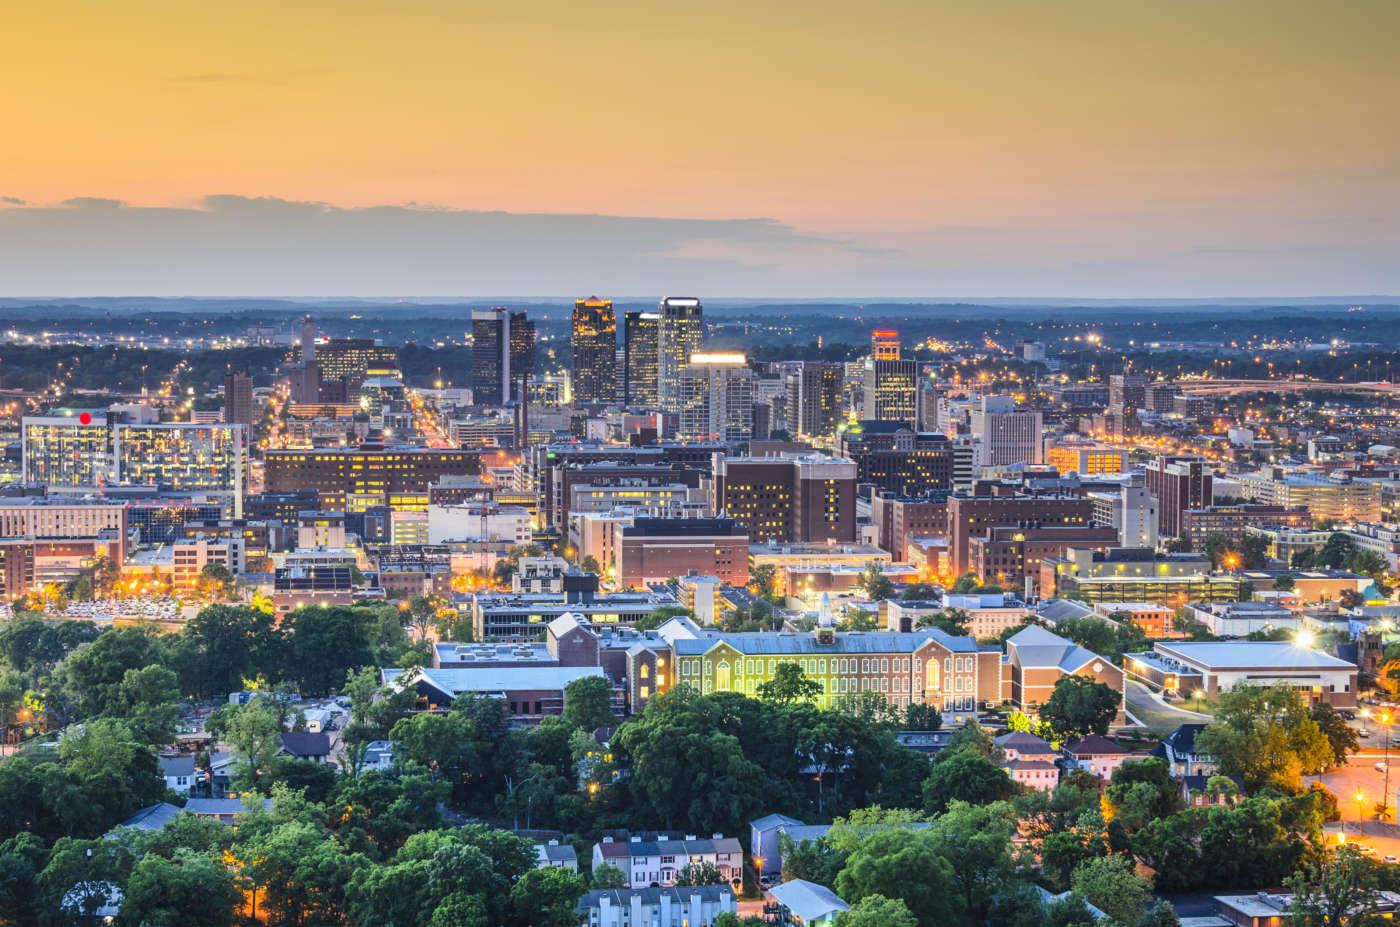 A view of Birmingham [Sean Pavone] © 123rf